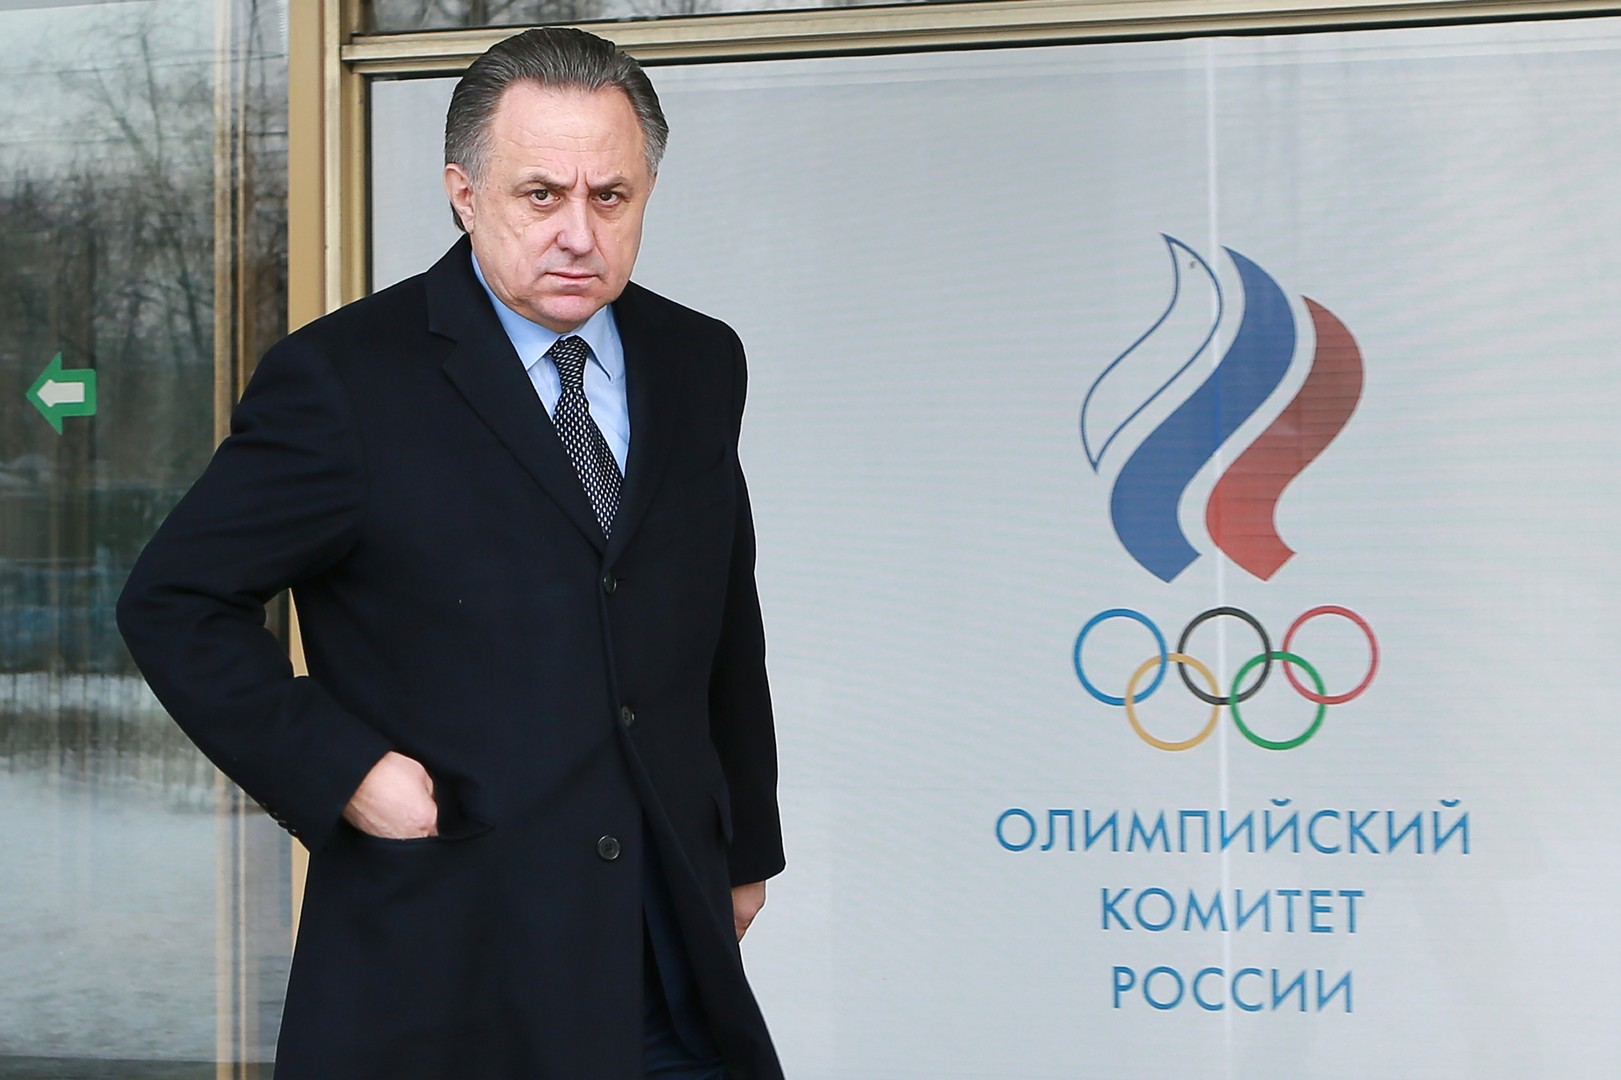 Виталий Мутко — в интервью RT: Решение суда в Лозанне нарушает права чистых спортсменов